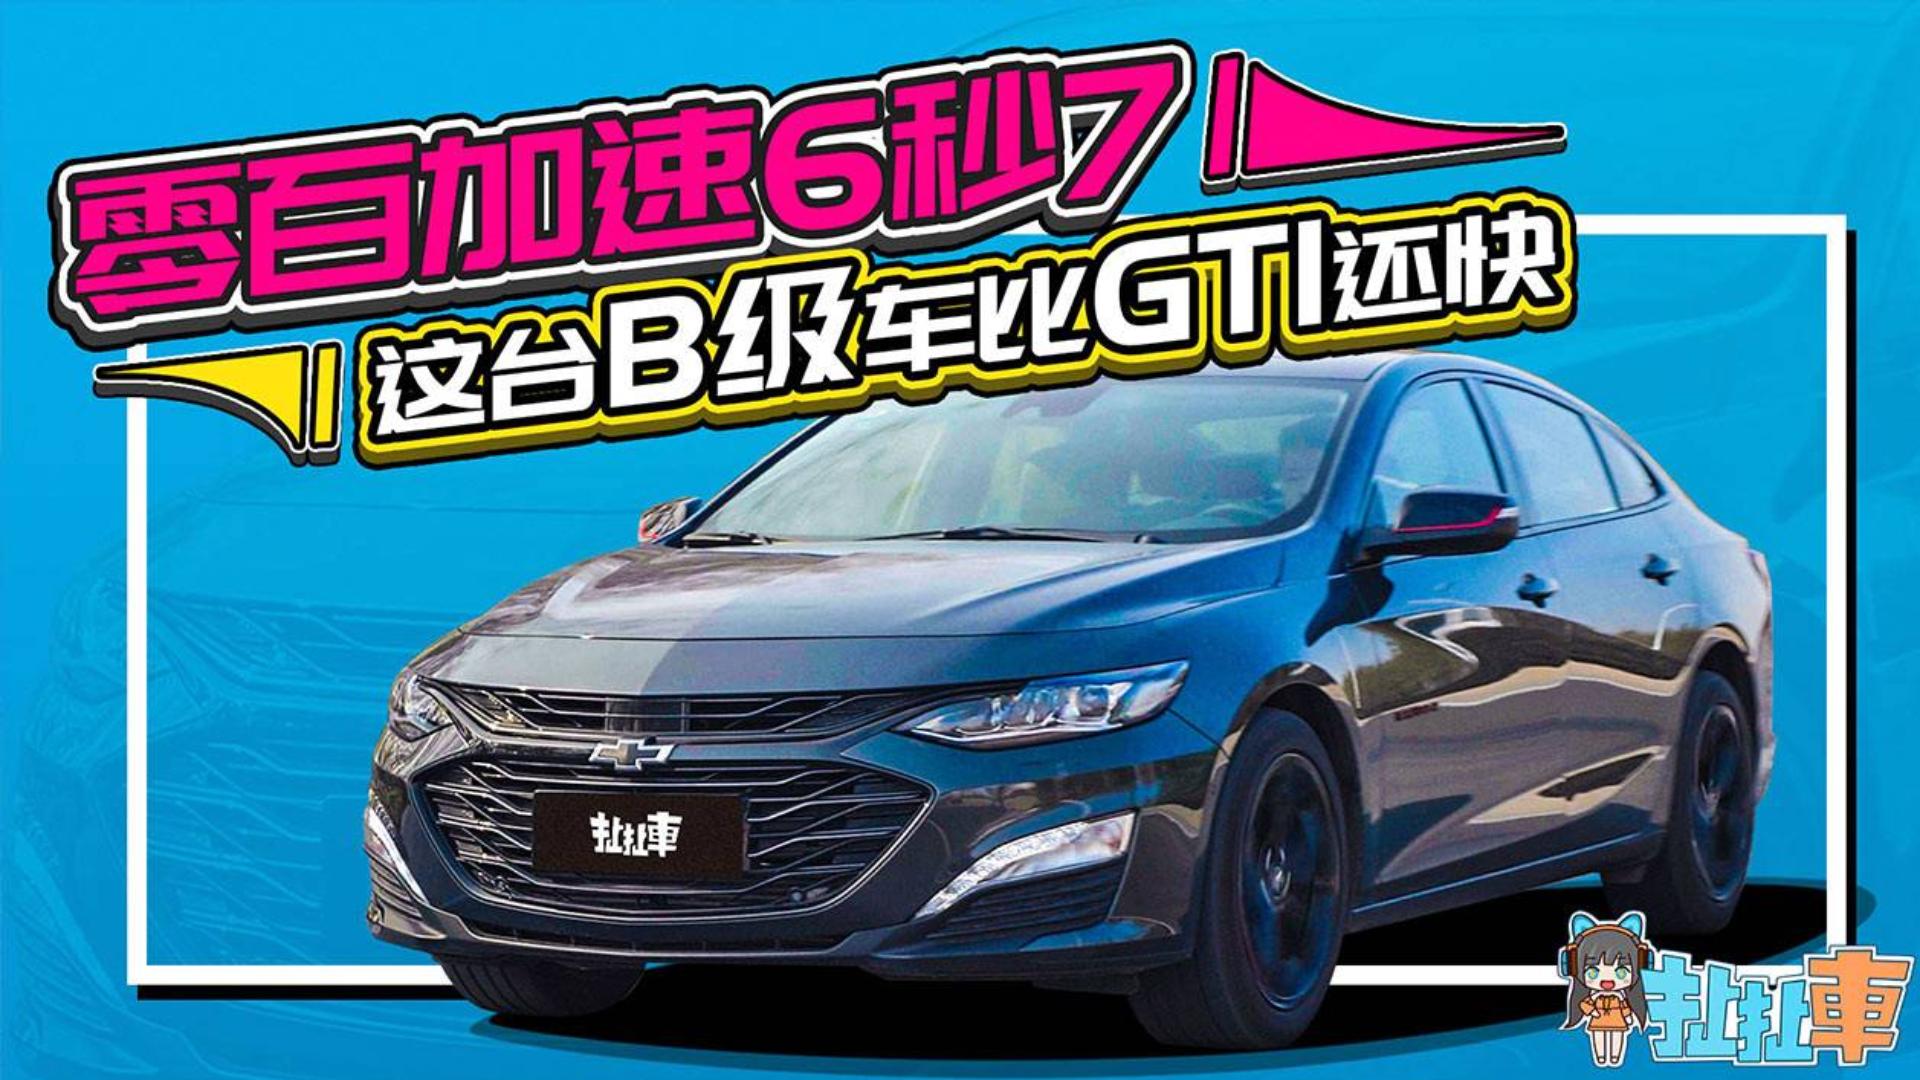 扯扯车:思域的价格GTI的性能 这可能是最适合年轻人的B级车